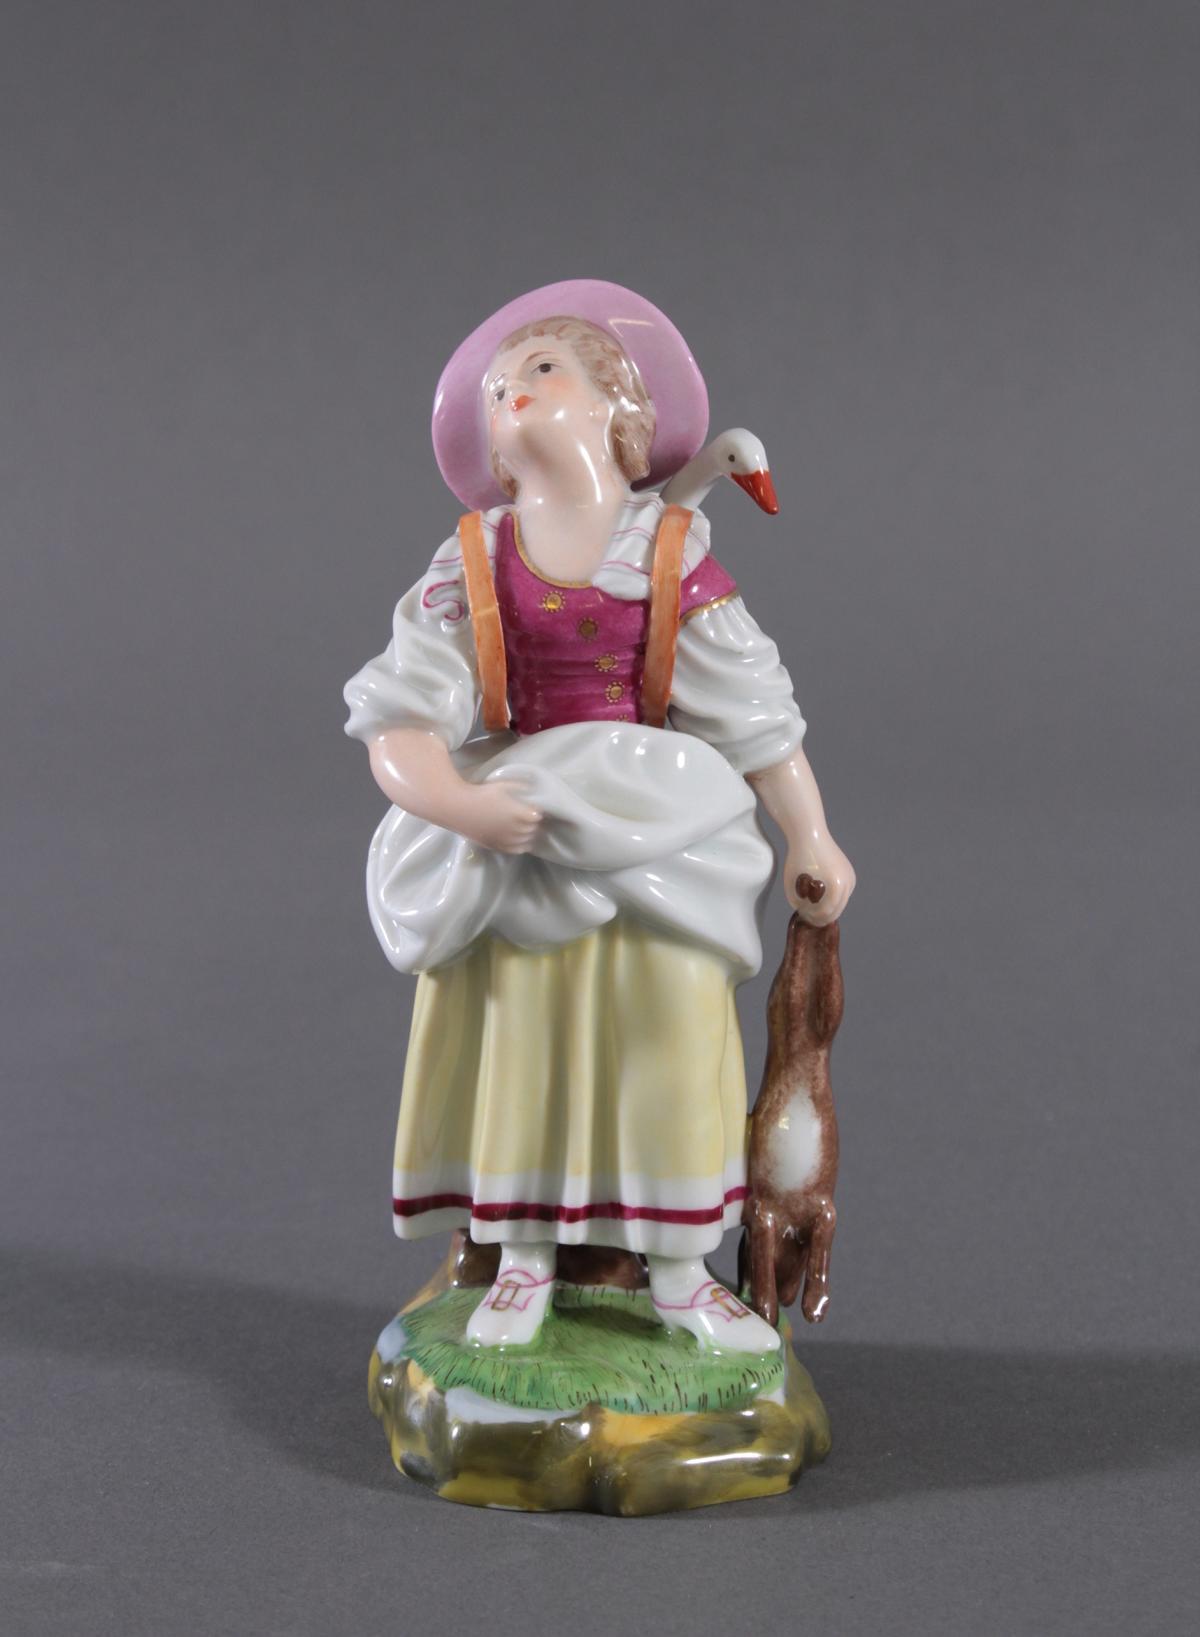 Höchster Porzellanmanufaktur. 'Bäuerin mit Gans und Hase'-2